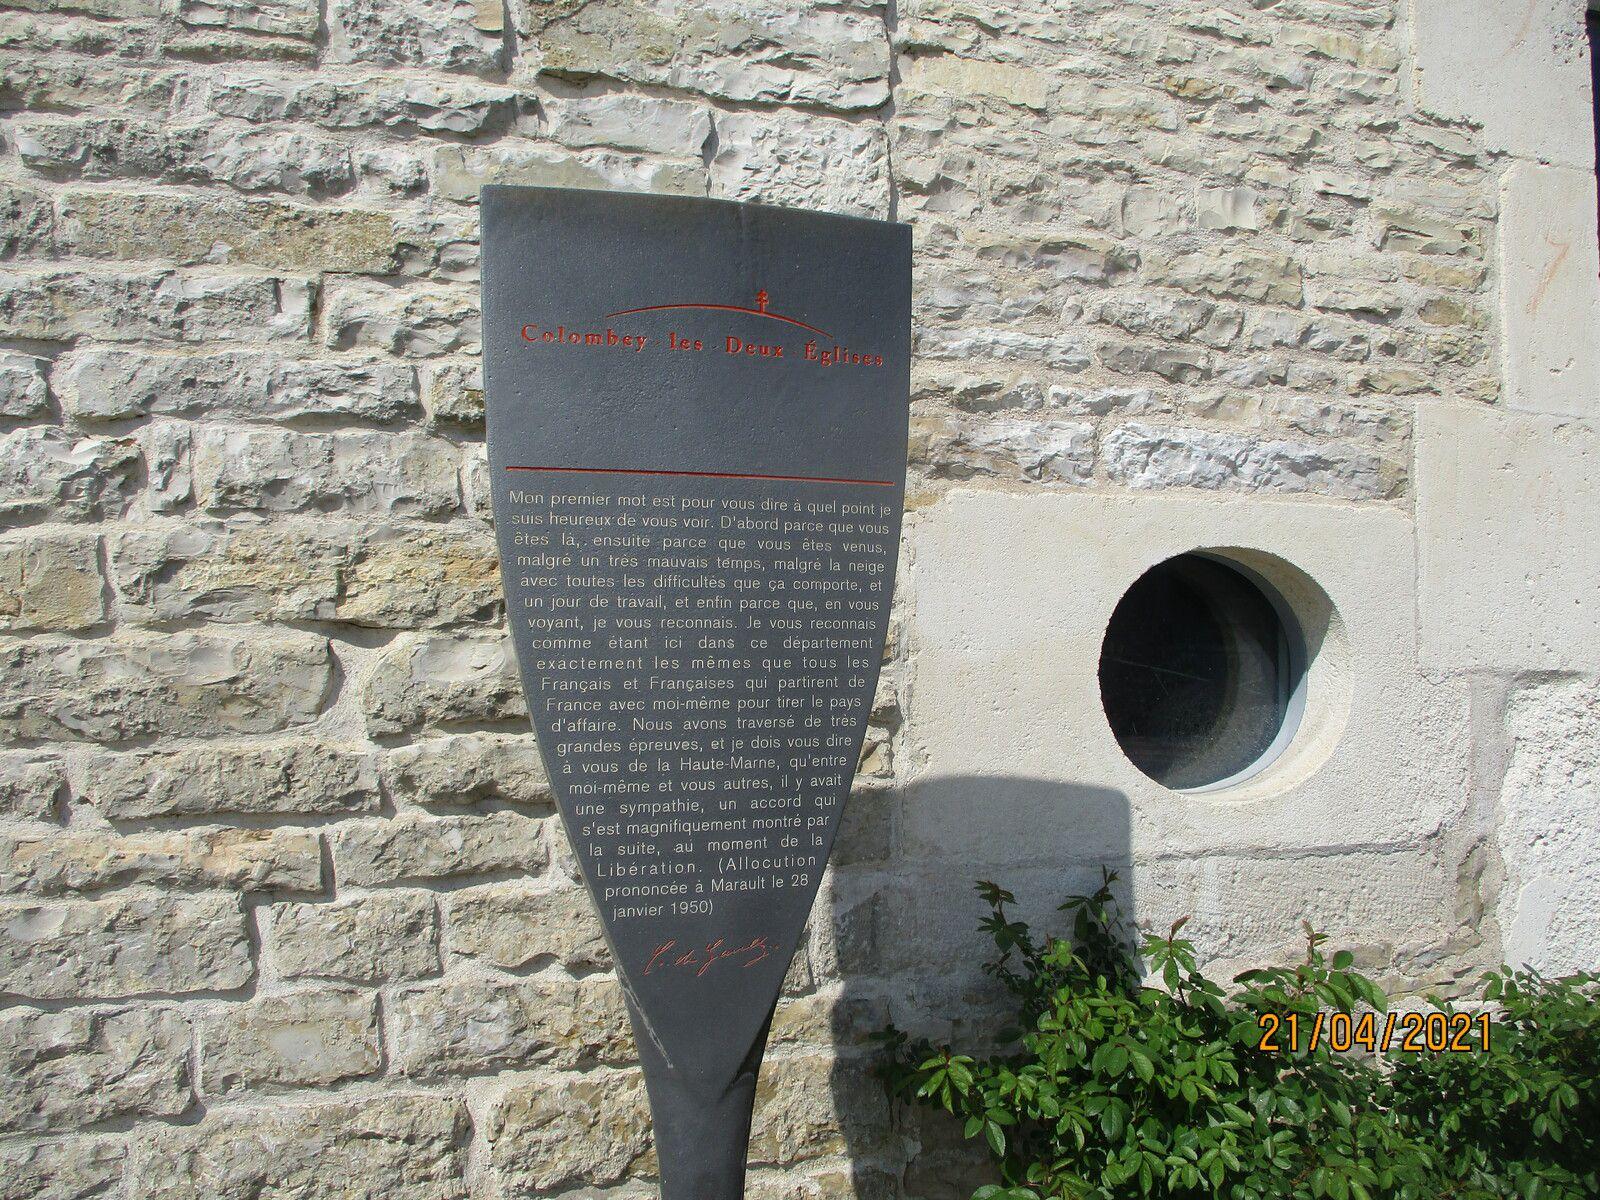 Colombey-Les-Deux-Eglises (Haute-Marne 52330)